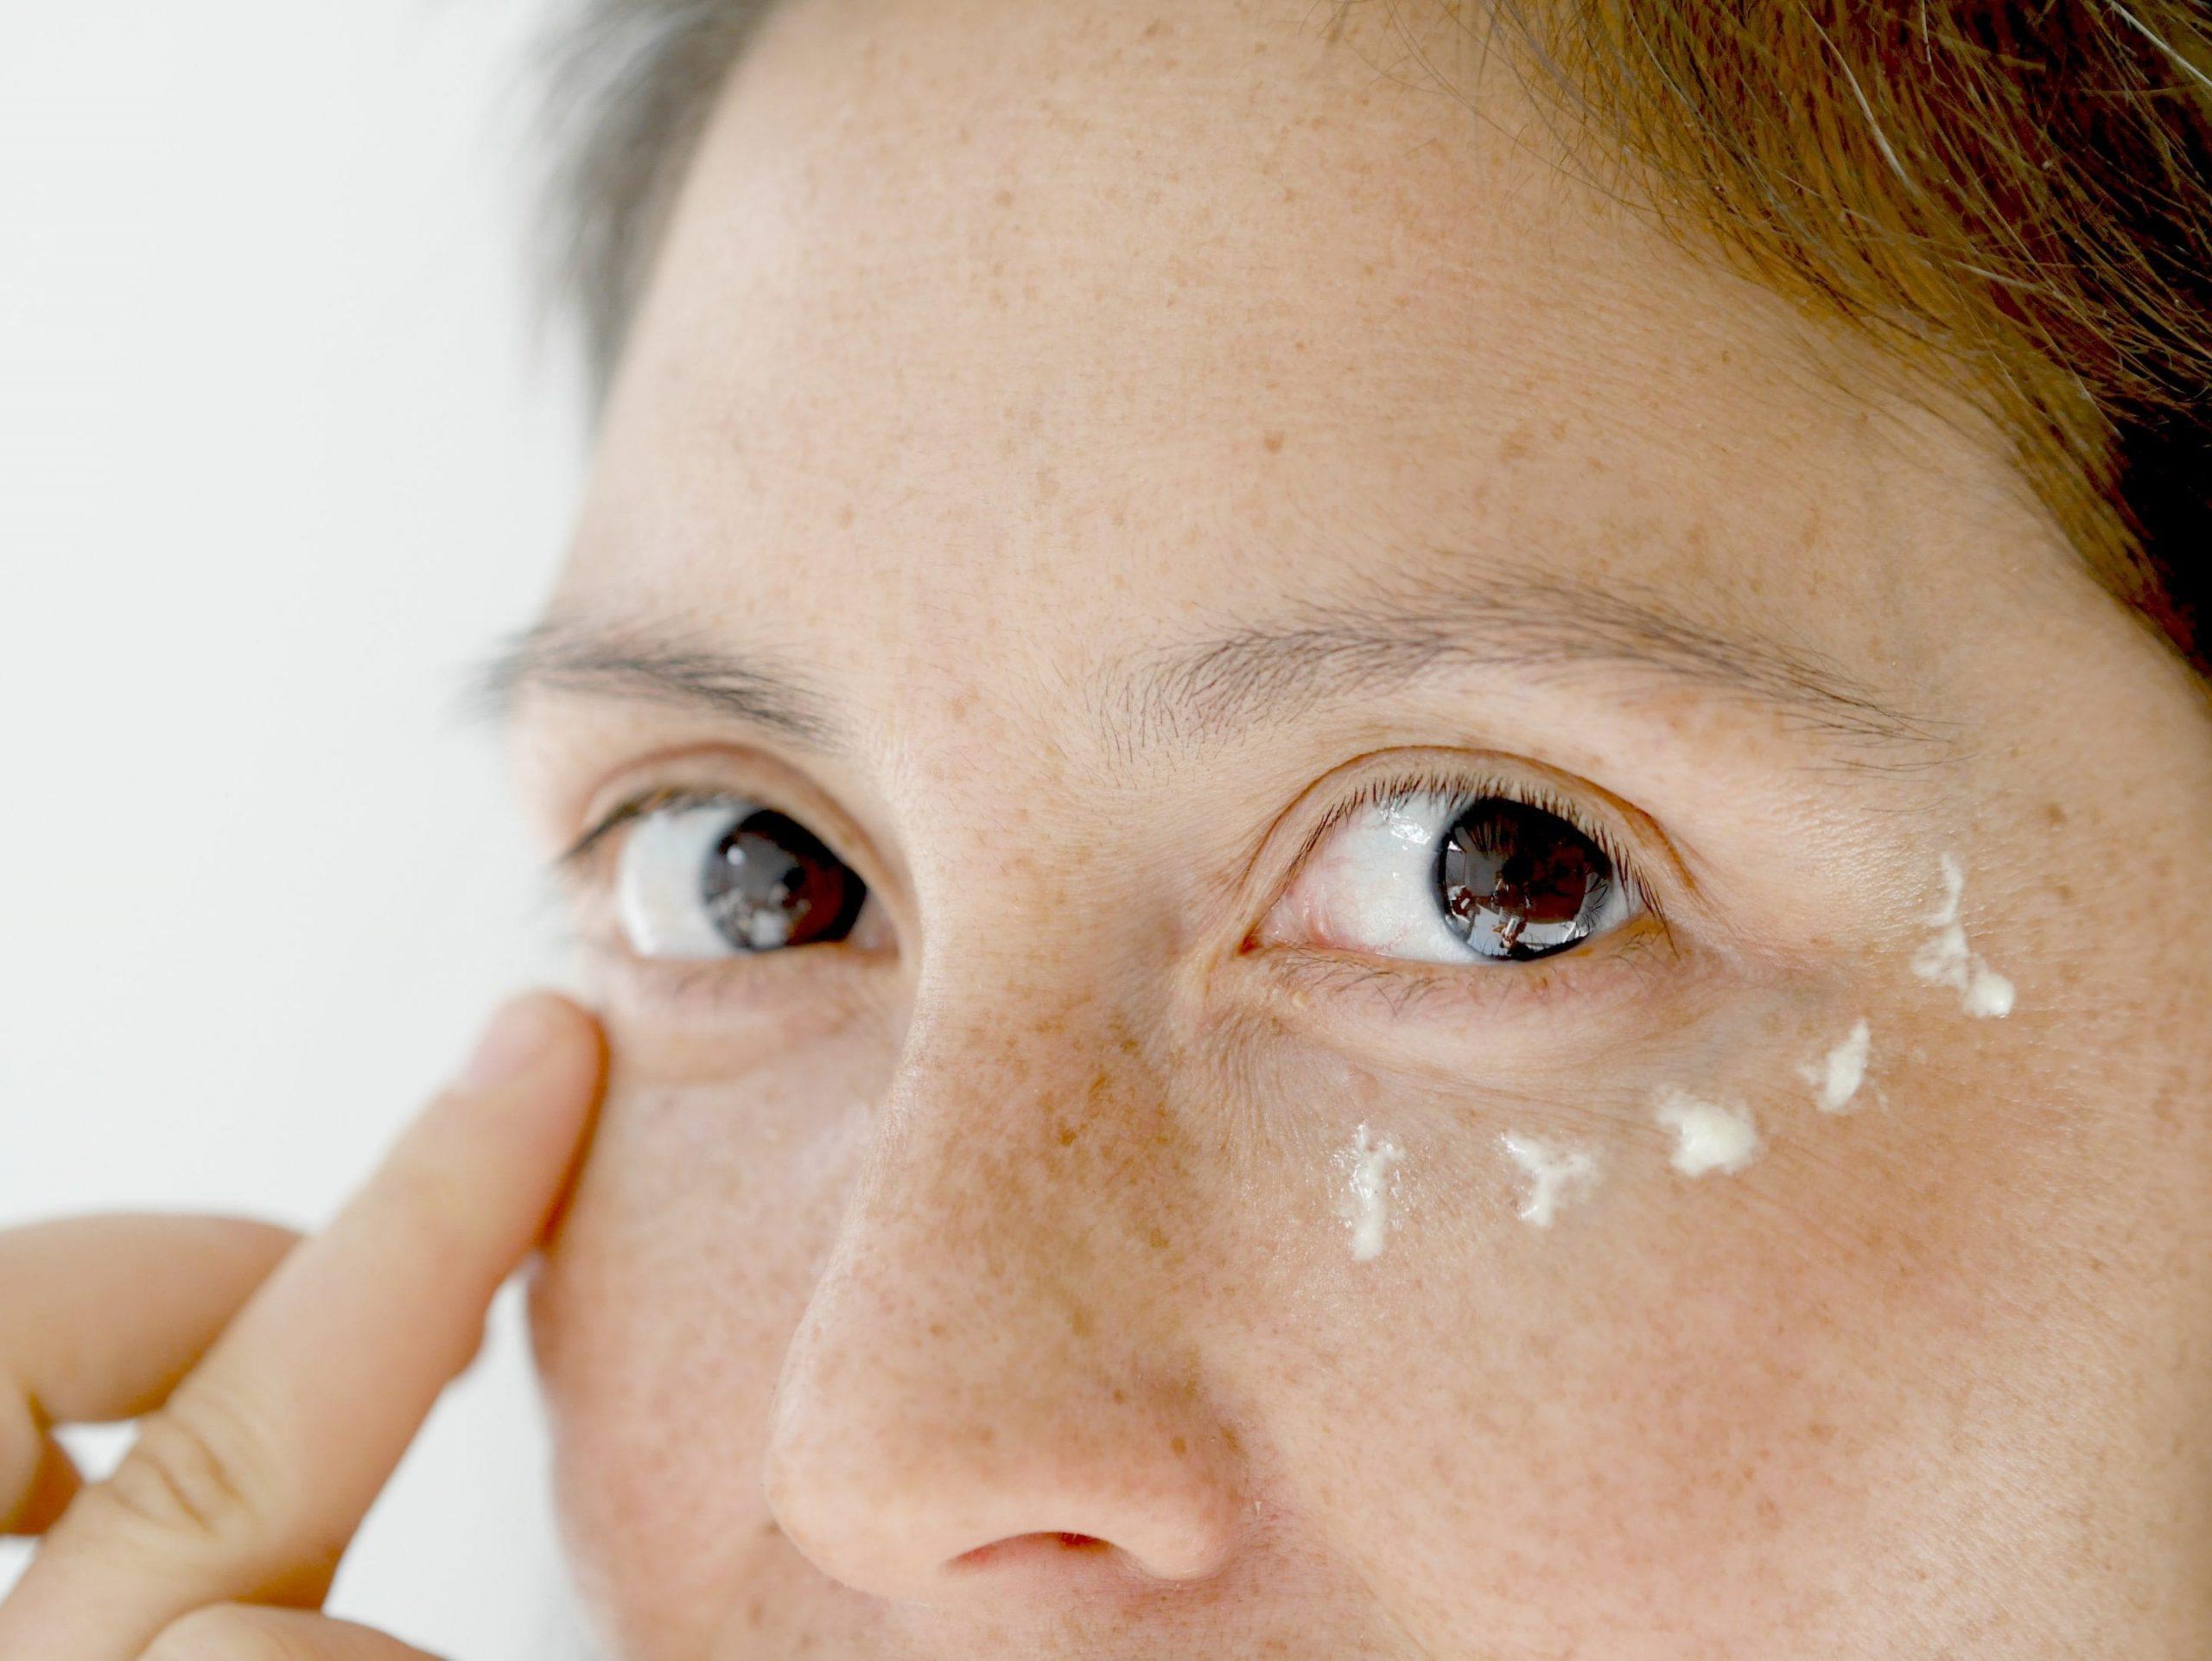 Ομορφιά Δέρμα: Προωθήστε την ελαστικότητα του δέρματός σας και καθυστερήστε την διαδικασία γήρανσης [vid]